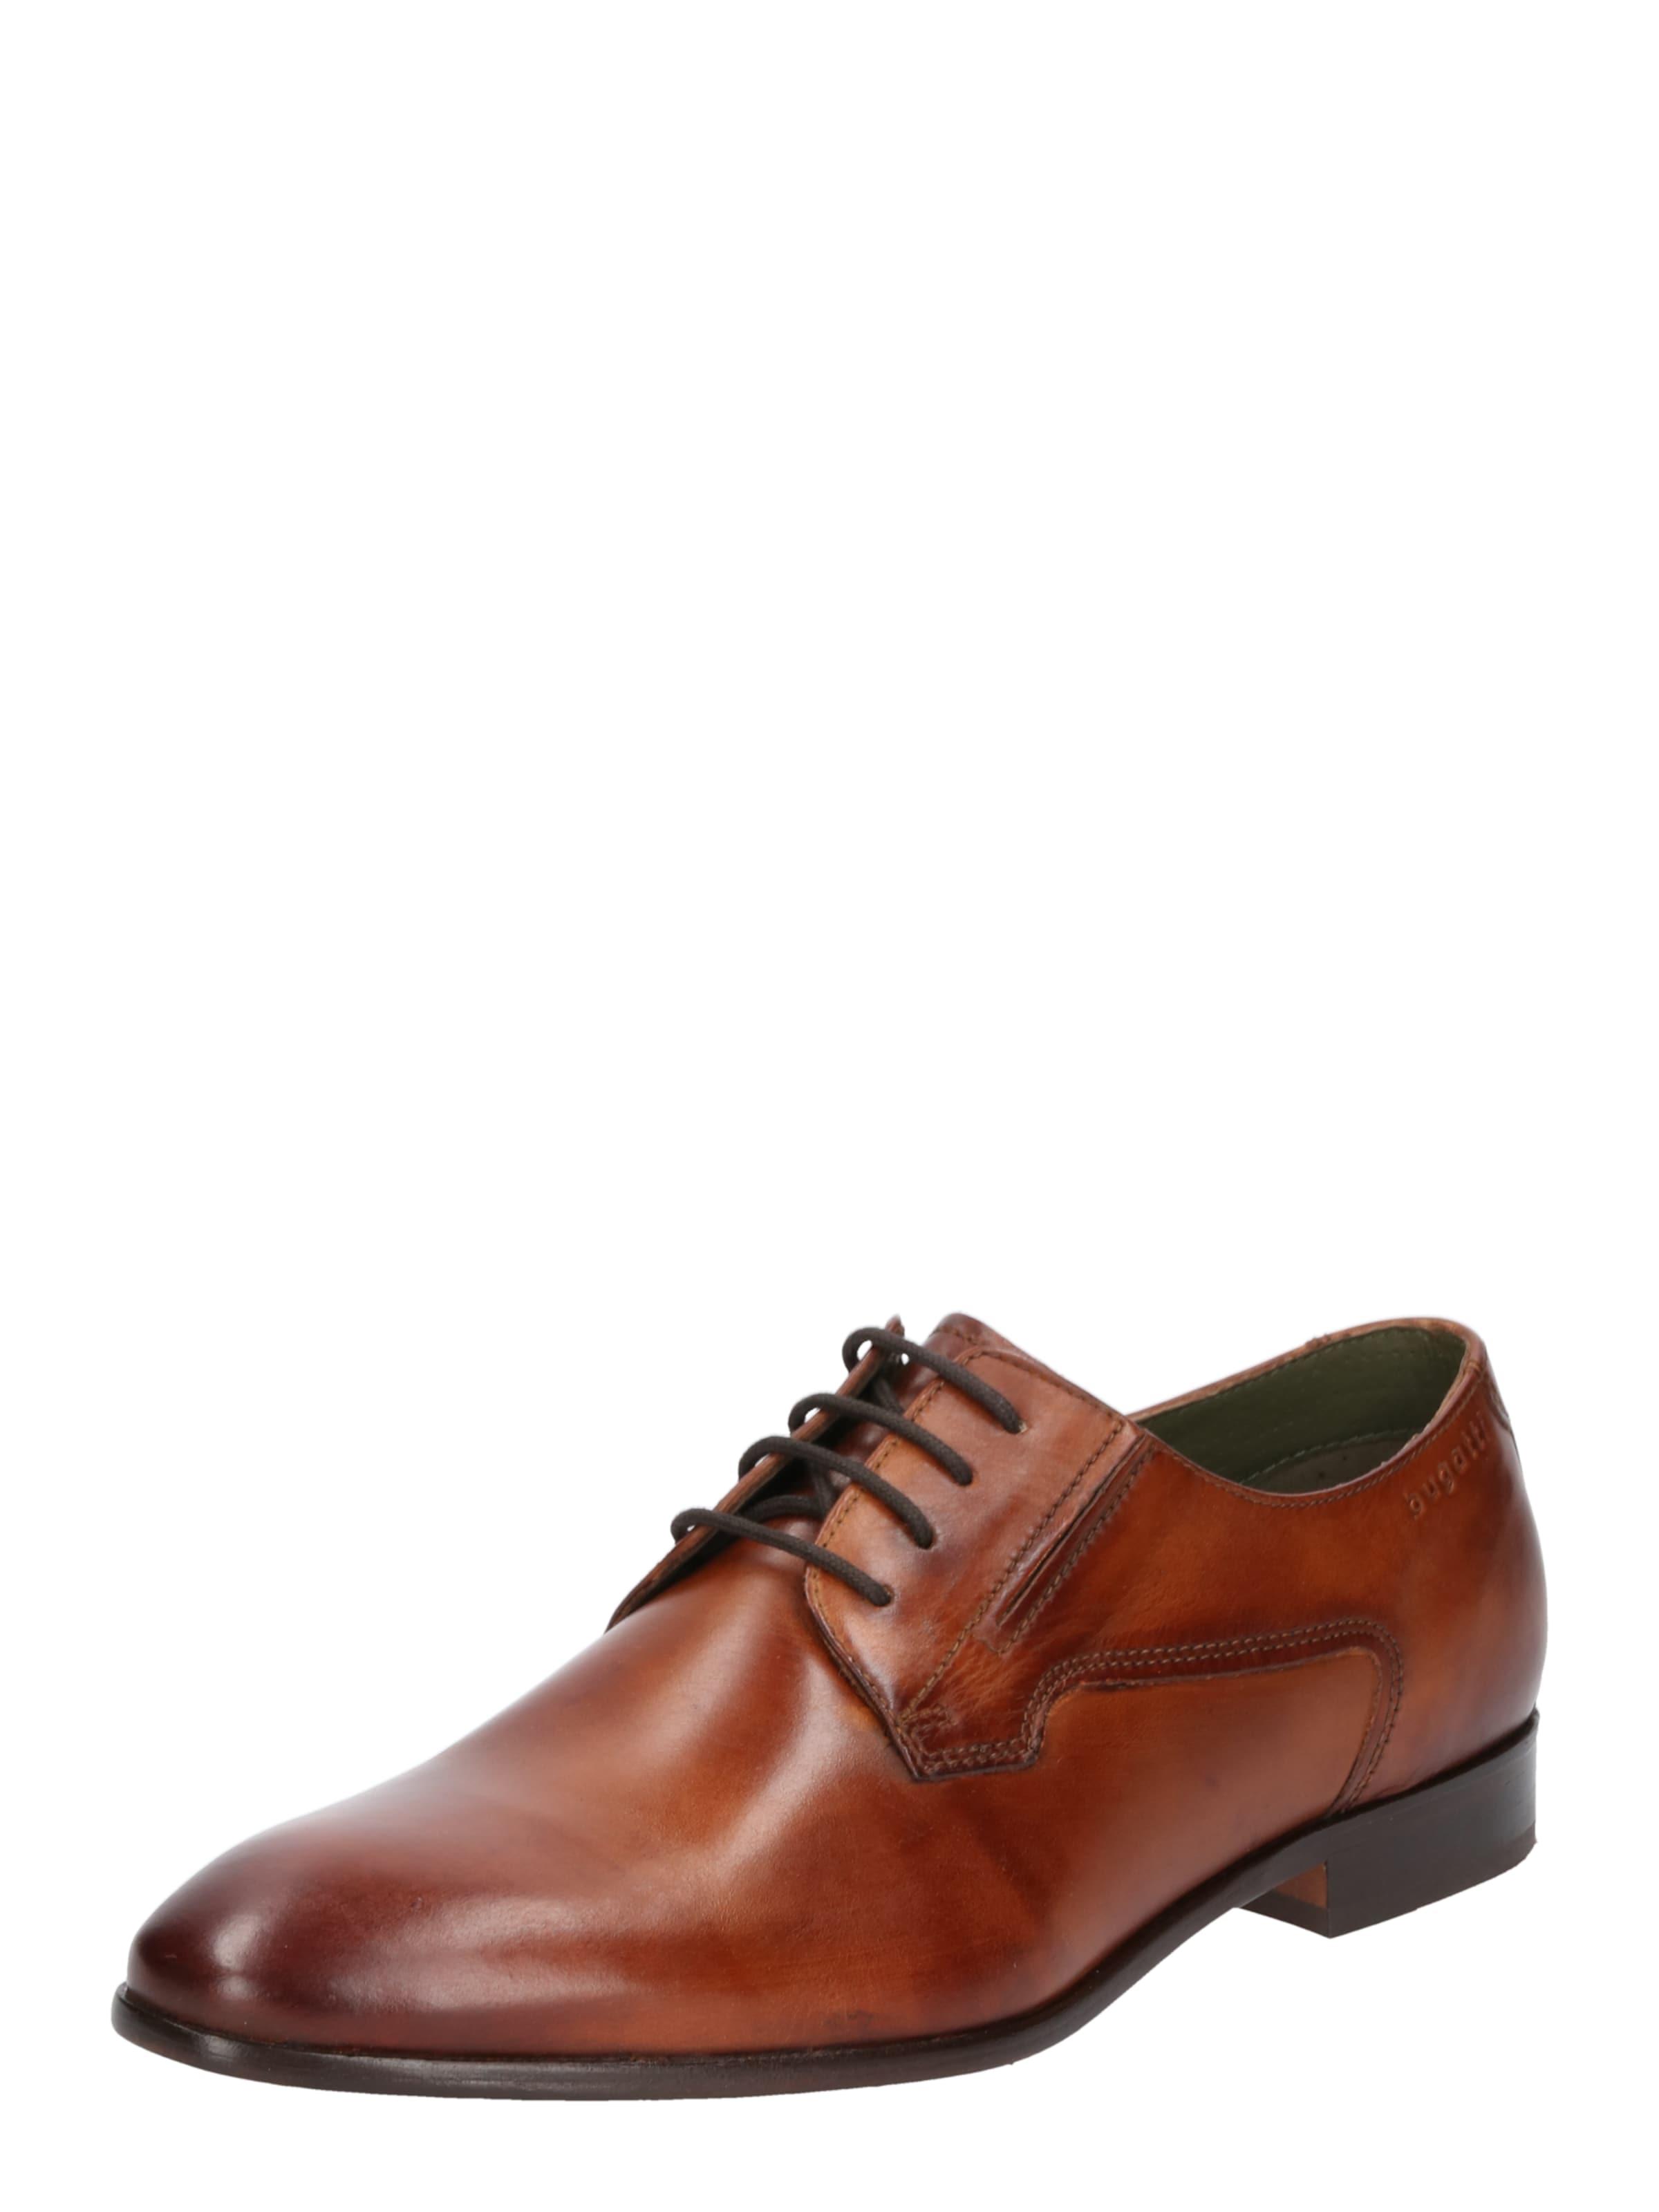 bugatti Schnürschuh aus Leder Günstige und langlebige Schuhe